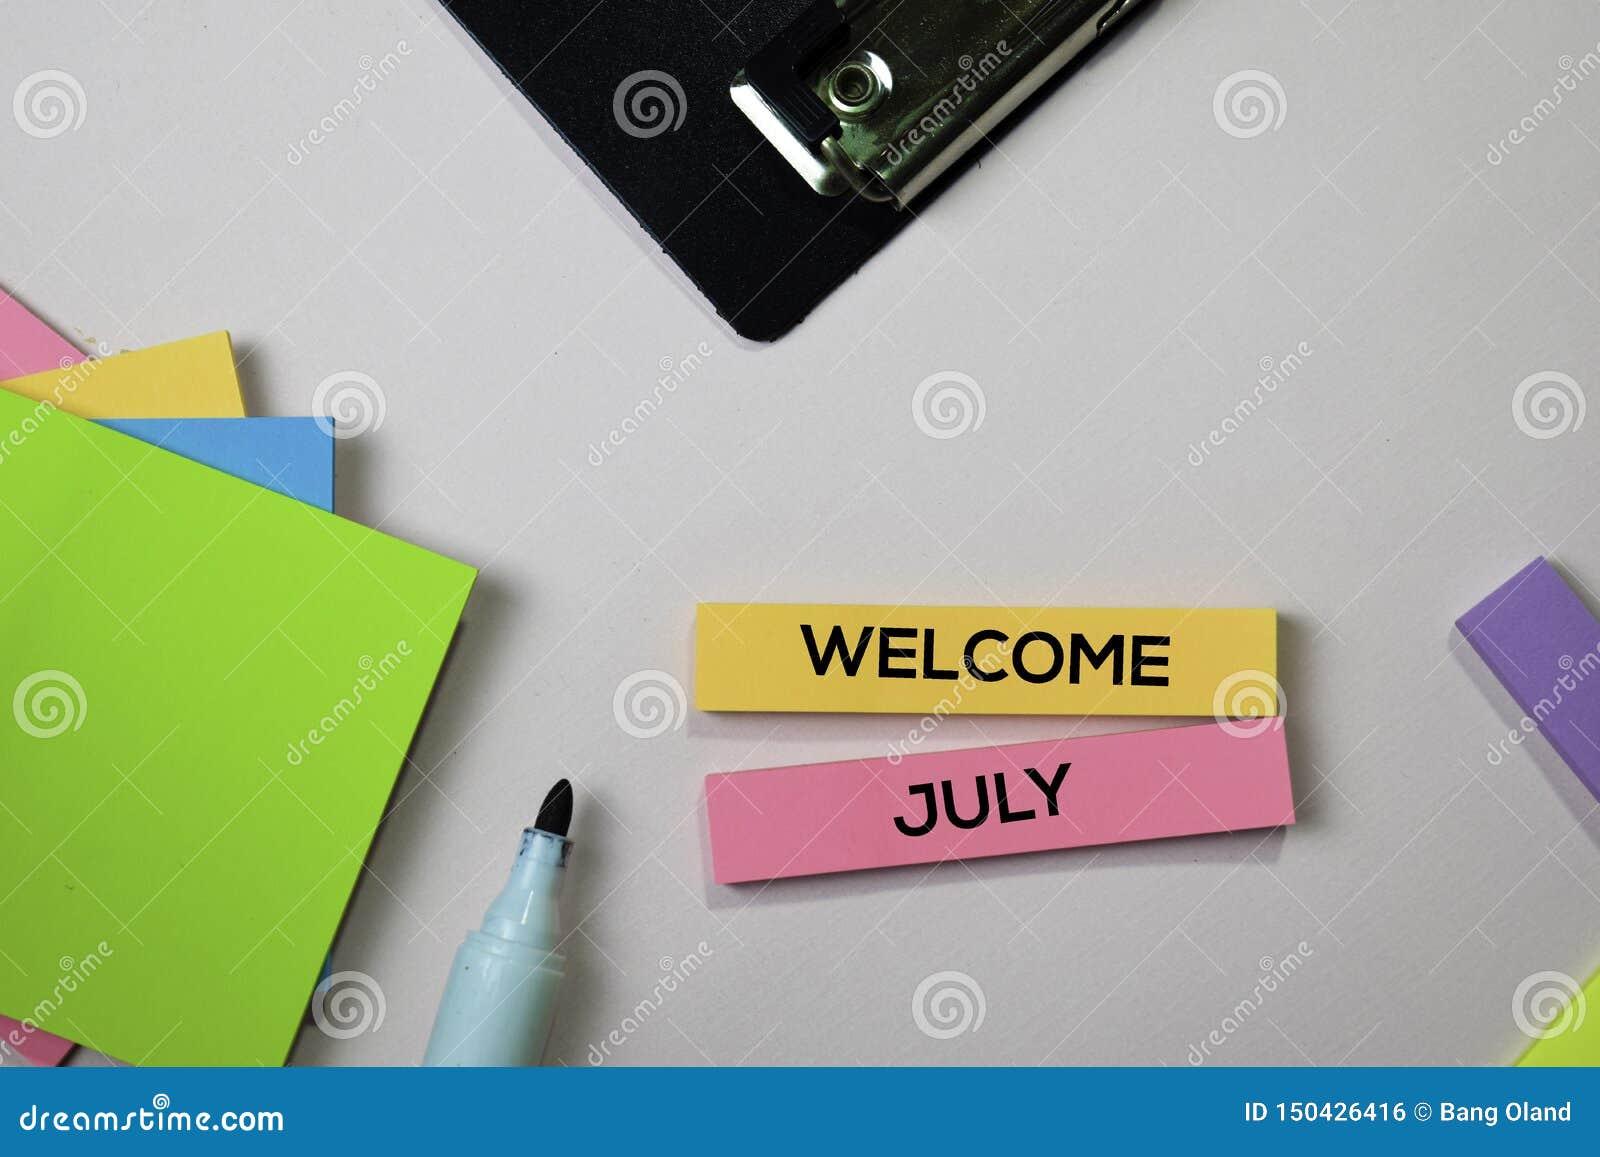 Текст в июле добро пожаловать на липких примечаниях с концепцией стола офиса